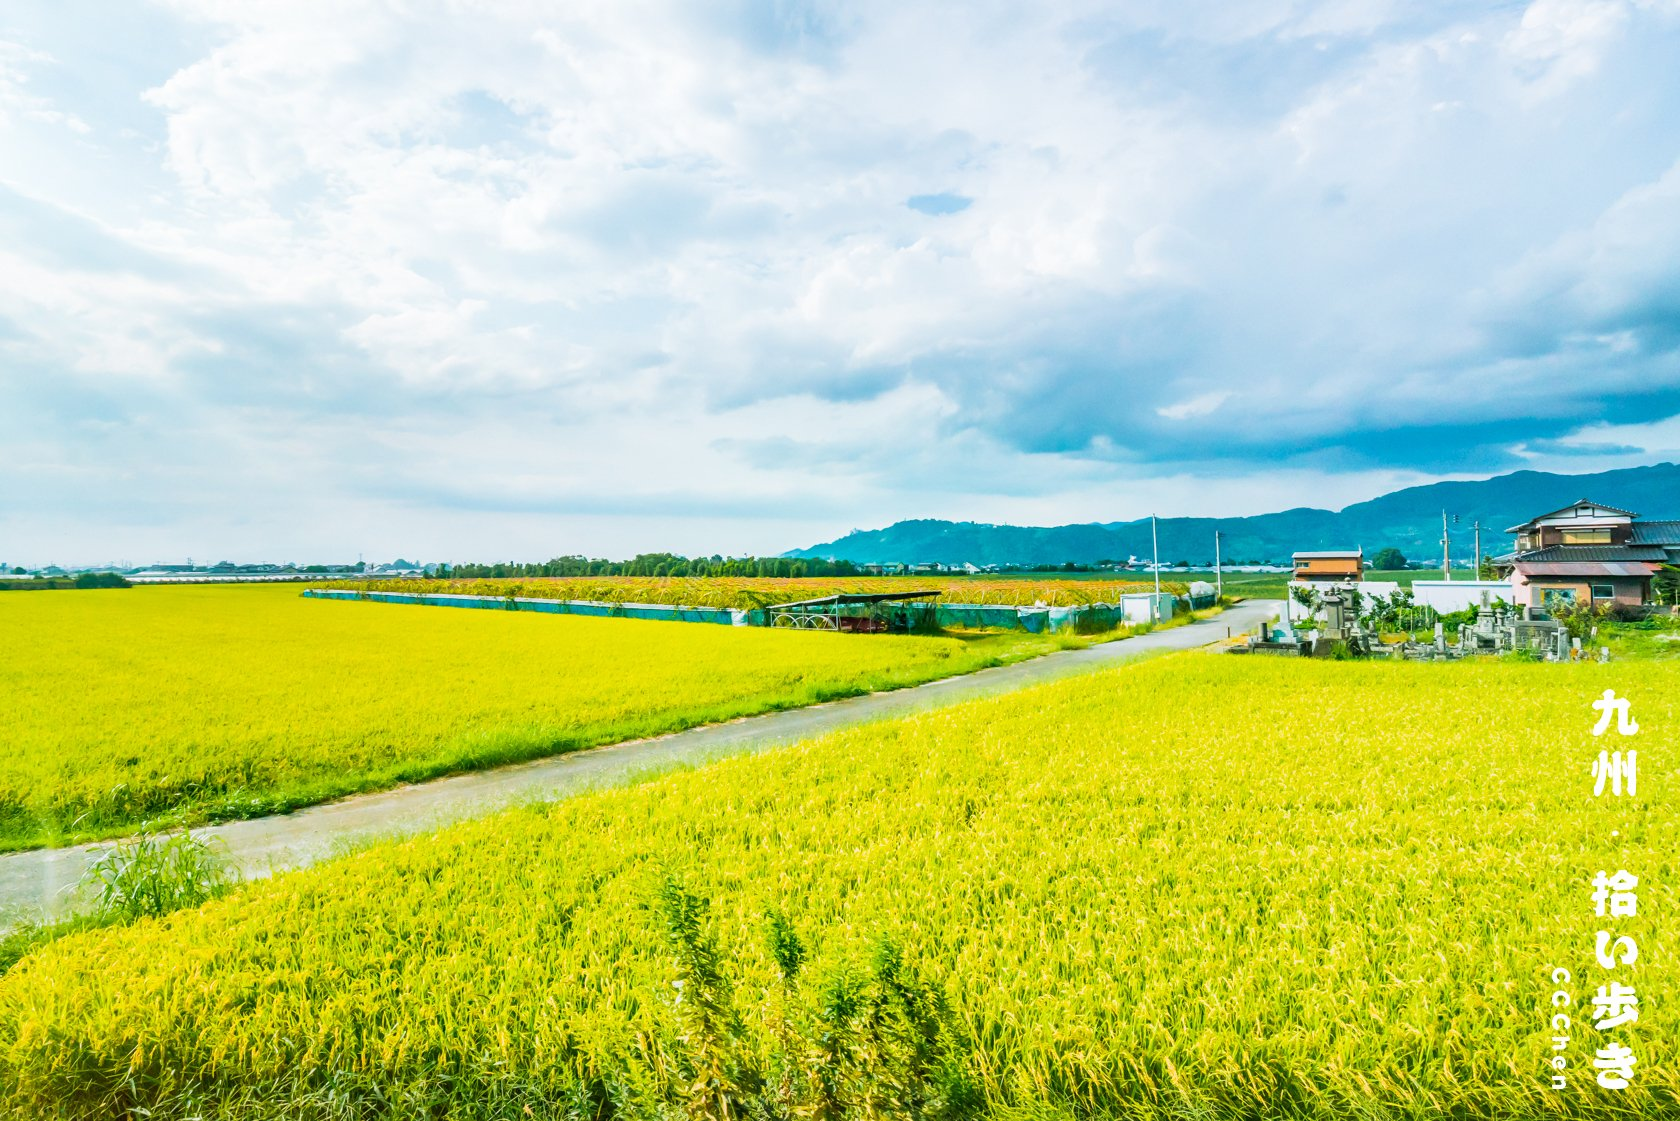 闲散在福冈-熊本-阿苏-由布院的五天旅行